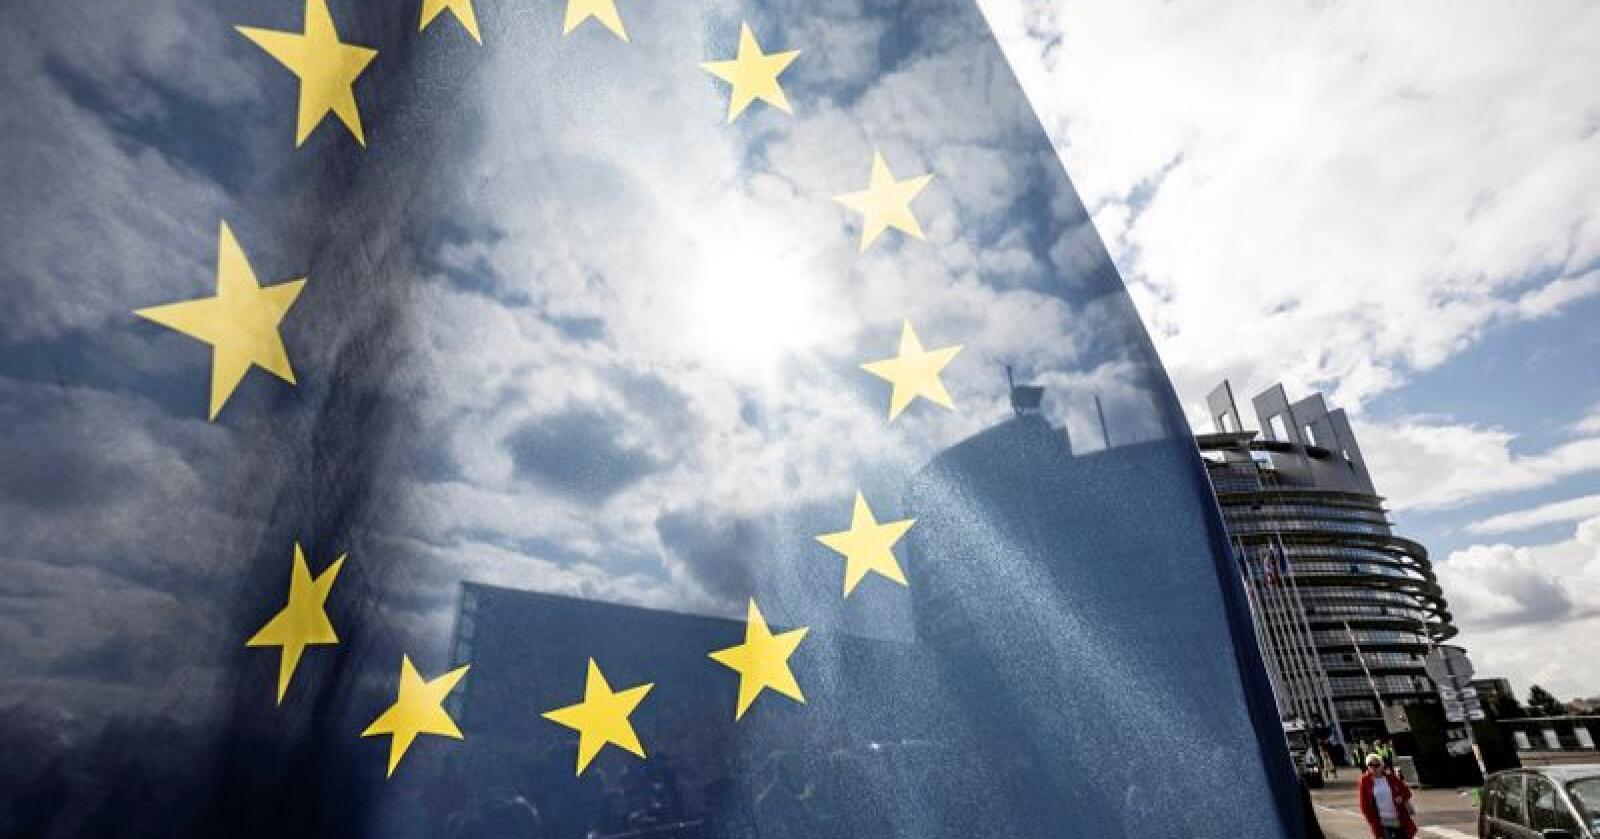 Uunværlig: EØS-avtalen er uunnværlig for et lite land som Norge, skriver innsenderne. Foto: AP/NTB scanpix